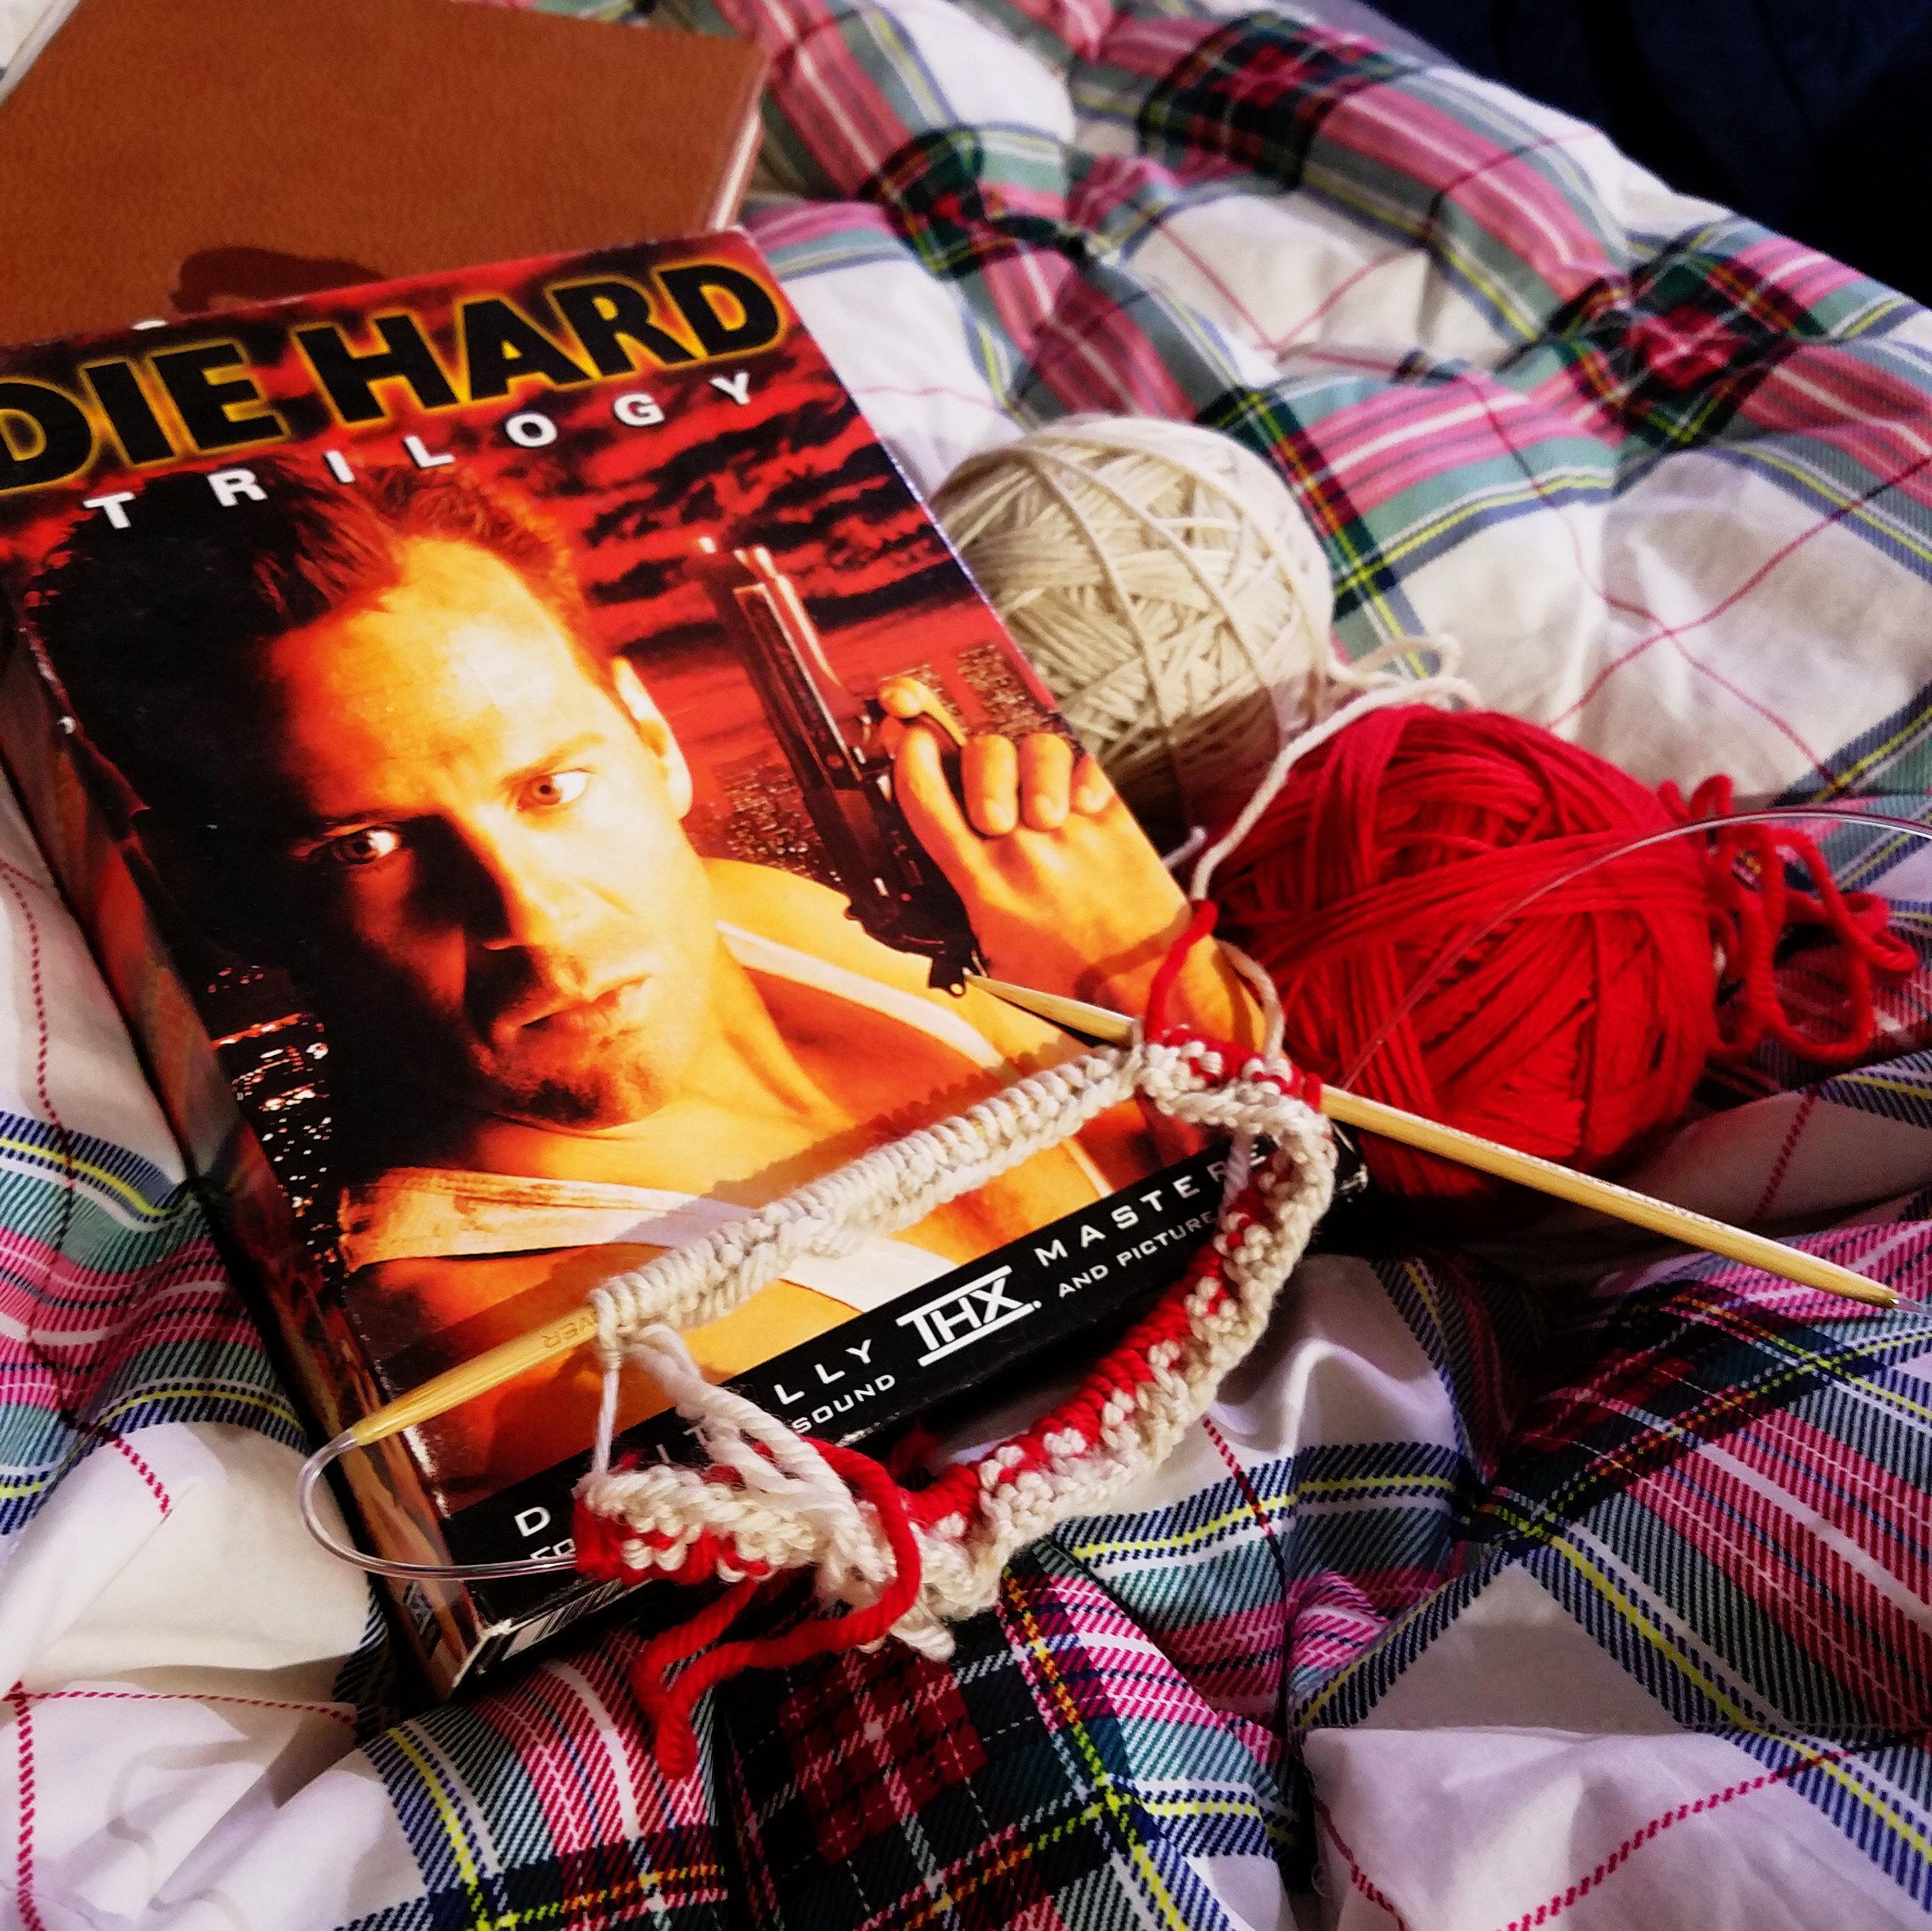 Tis the season - for Die Hard & Christmas knitting!